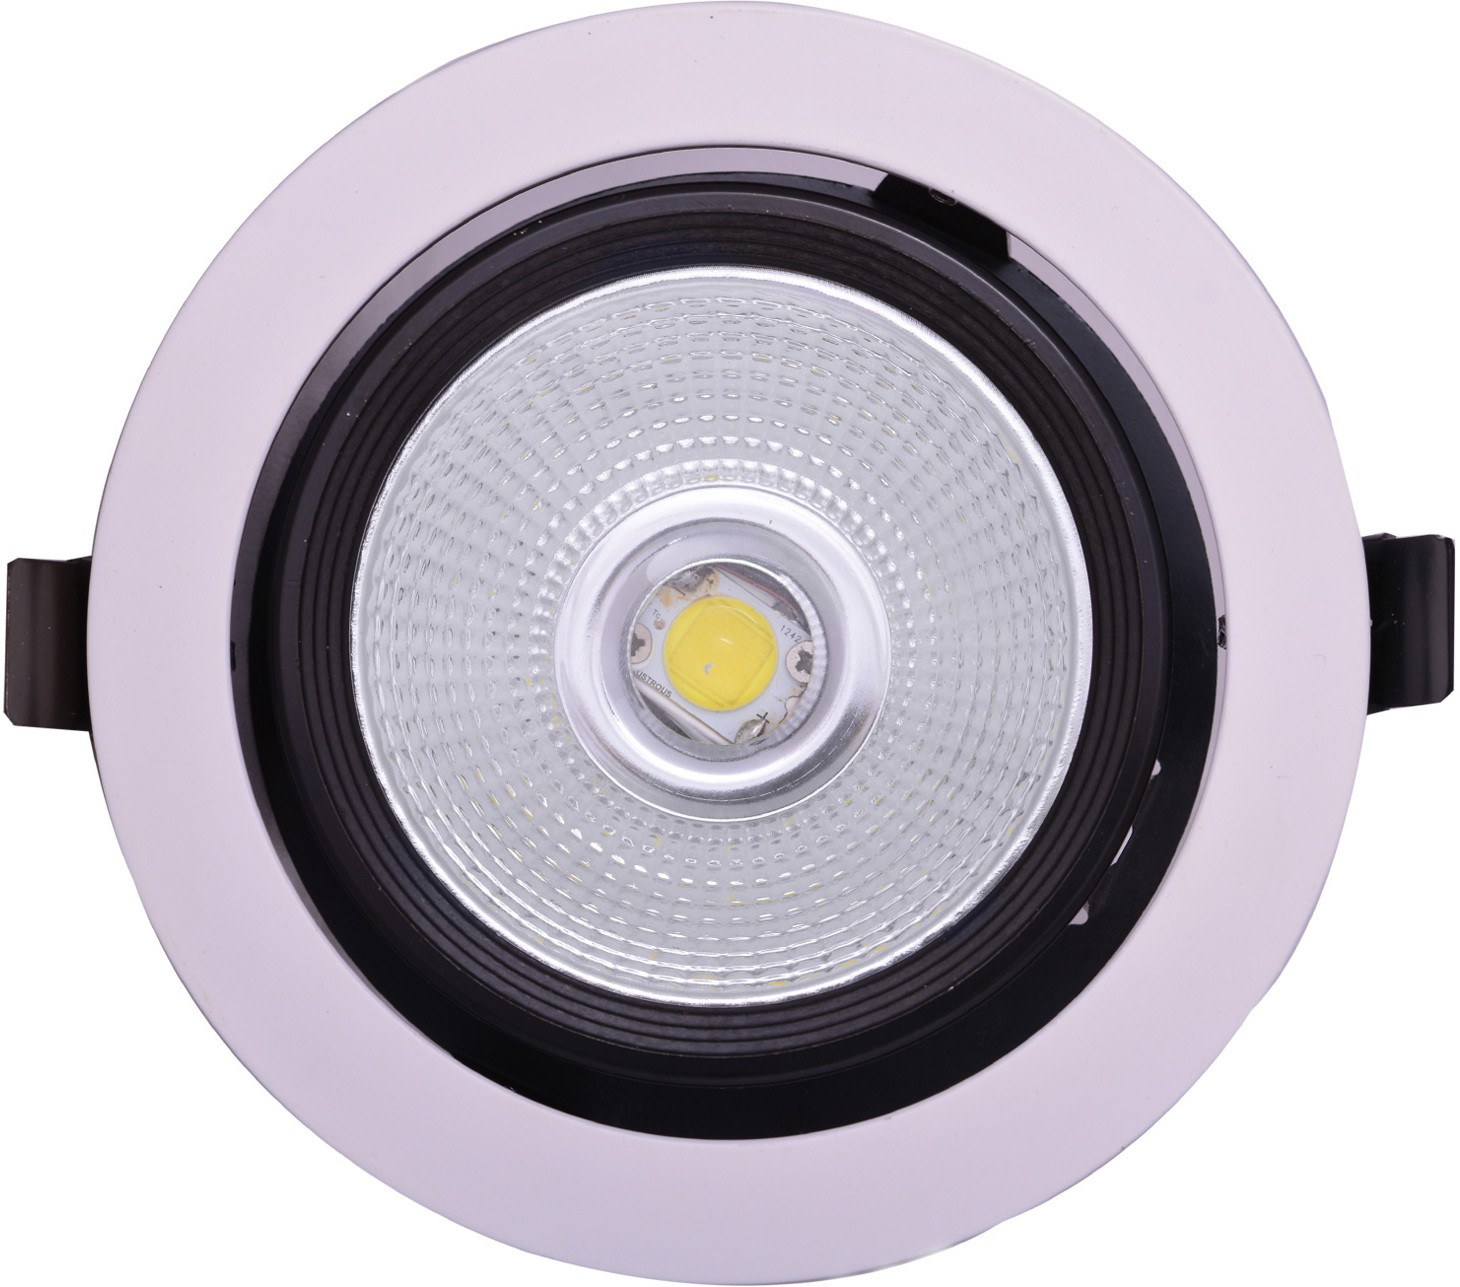 Buy led night lamp online india - Bigapple Led Cob Downlight 30 00 Watts Night